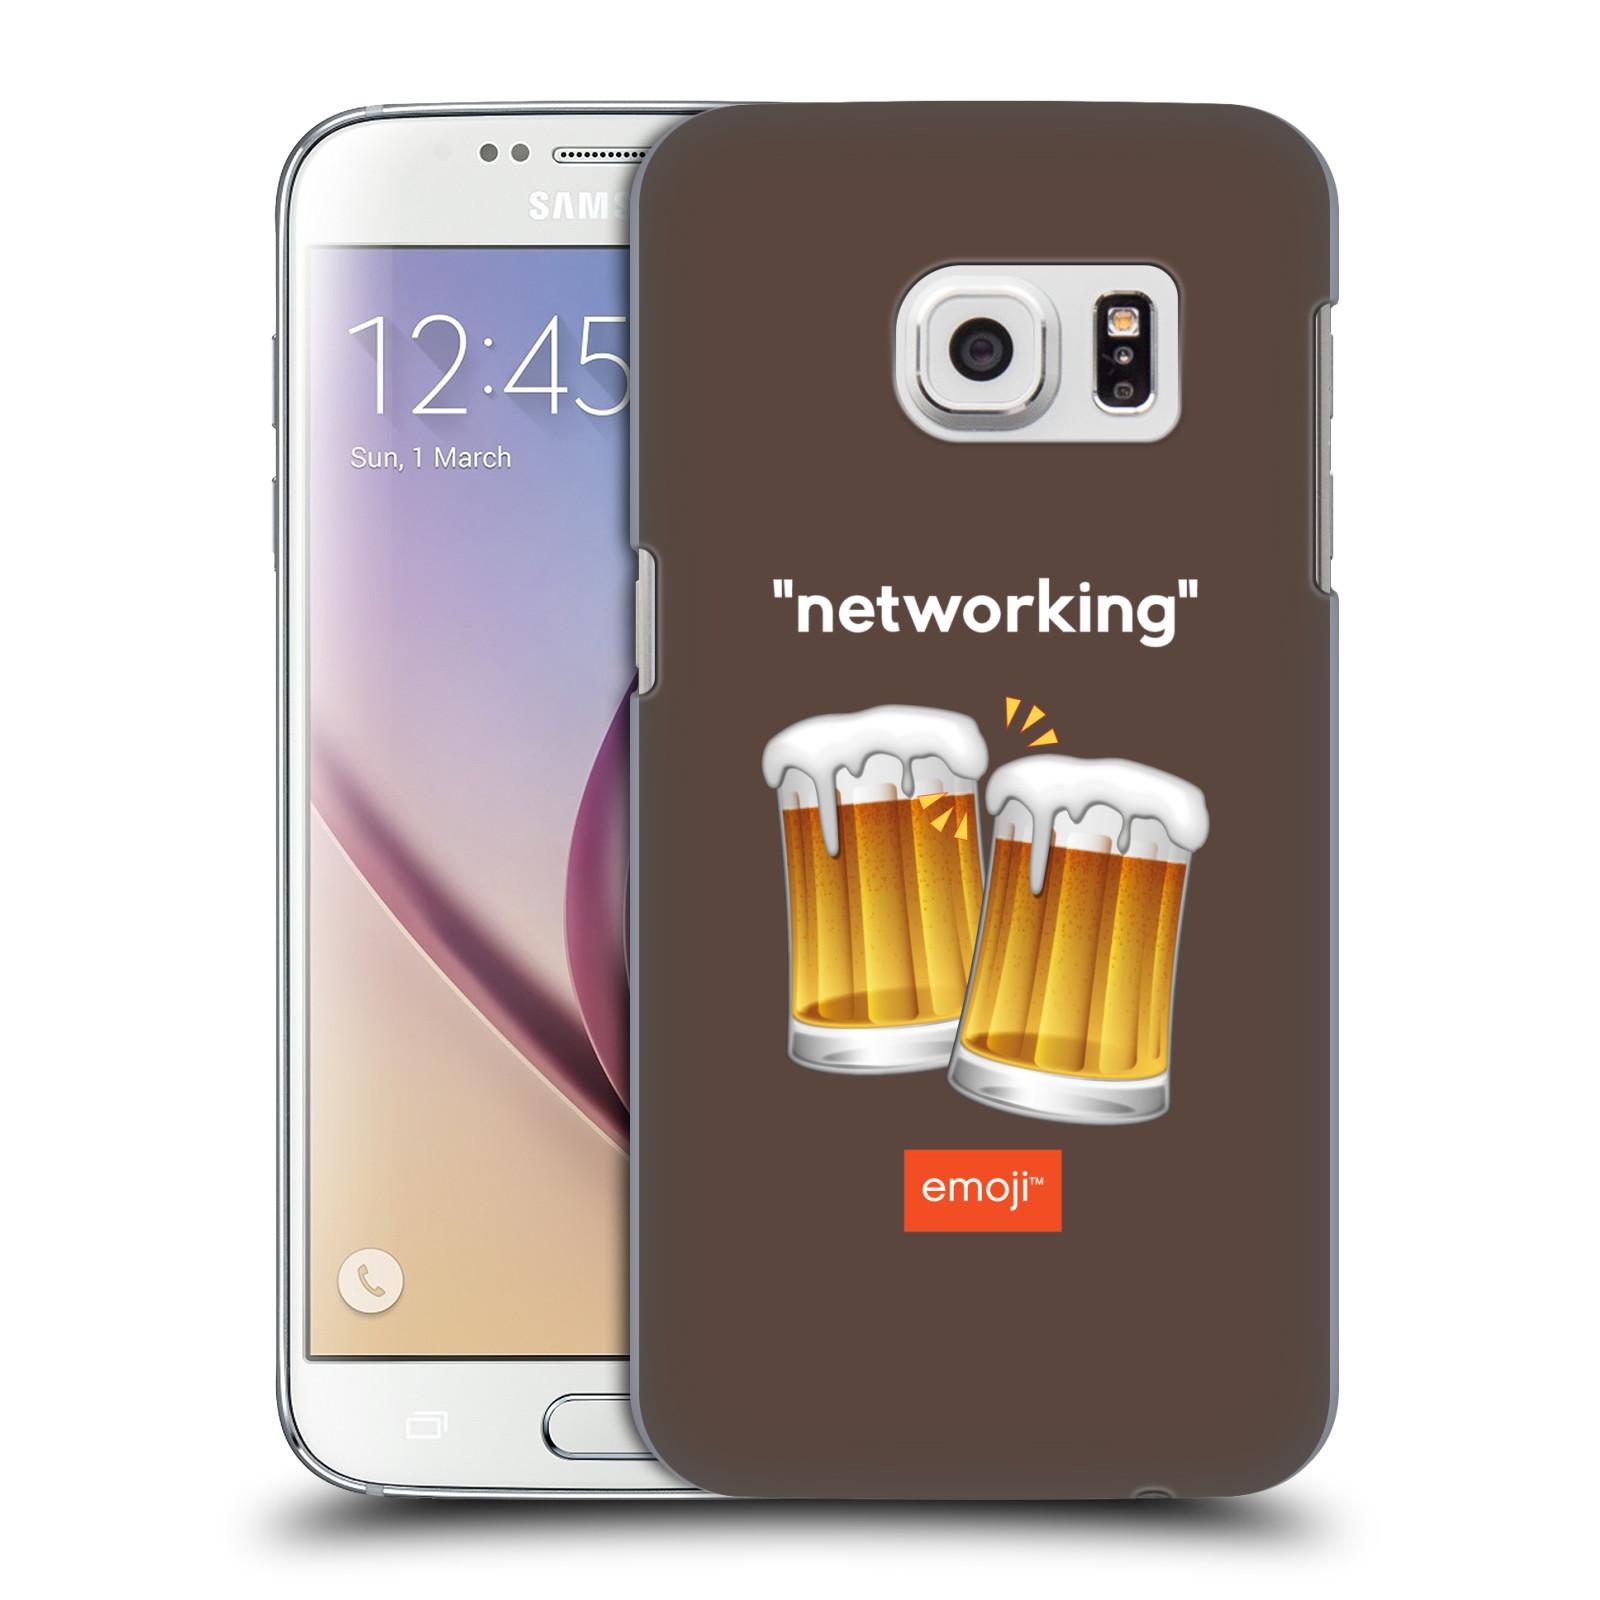 Plastové pouzdro na mobil Samsung Galaxy S7 HEAD CASE EMOJI - Pivní networking (Kryt či obal s oficiálním motivem EMOJI na mobilní telefon Samsung Galaxy S7 SM-G930F)